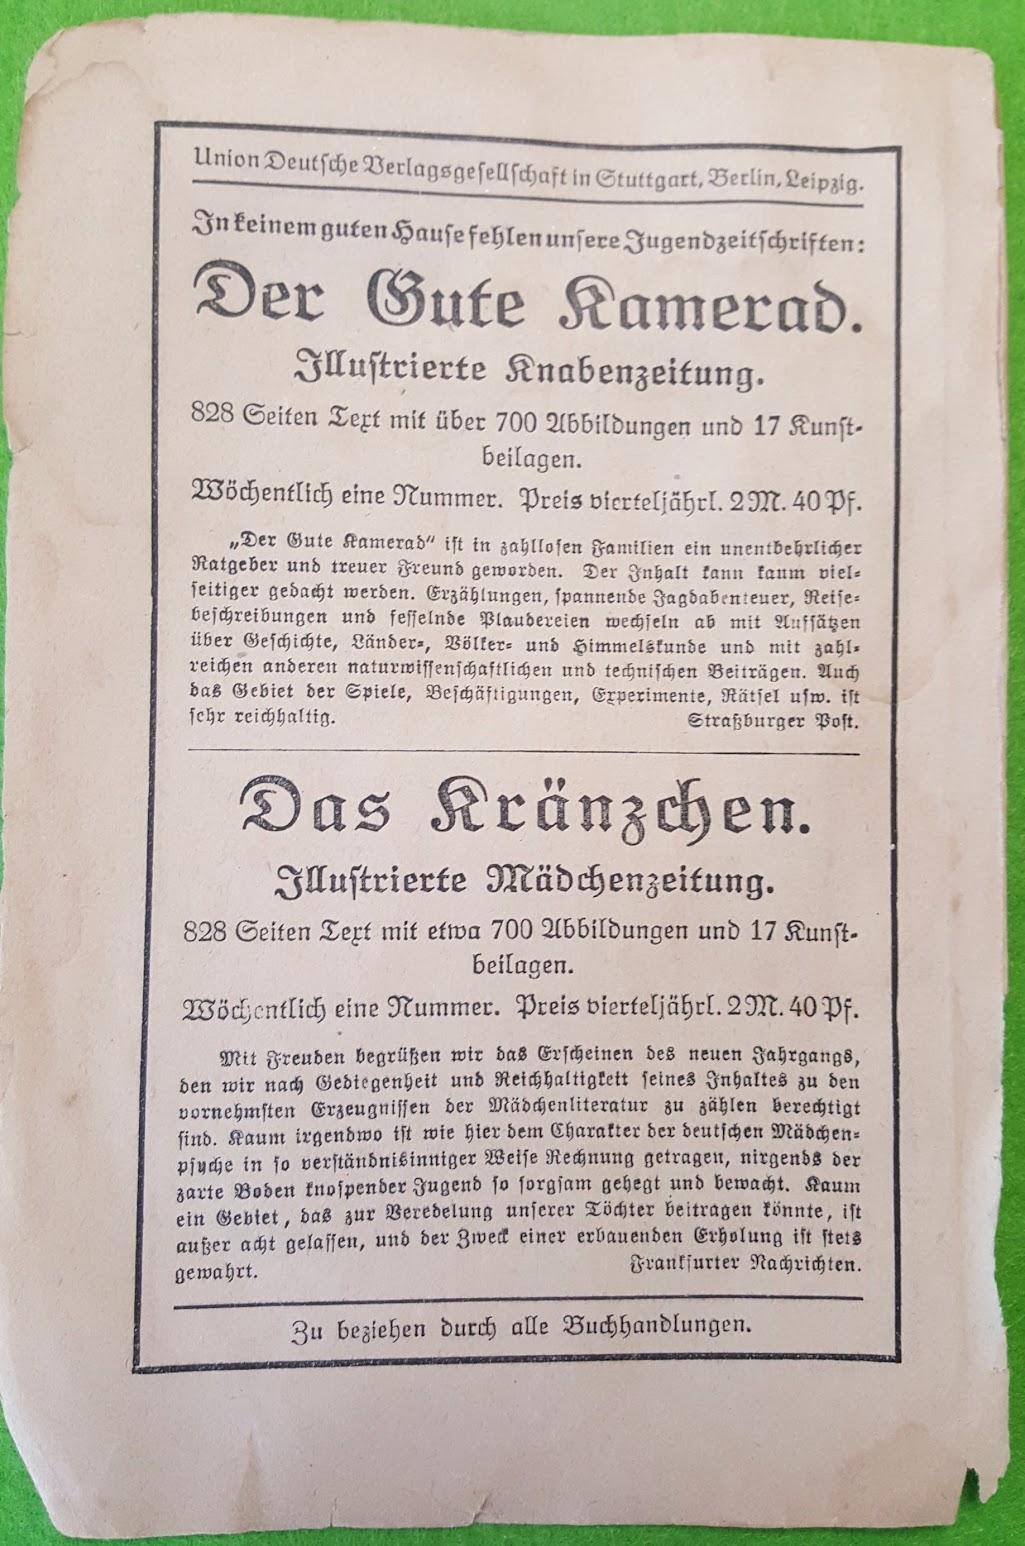 Jugendzeitschriften um 1900, Der Gute Kamerad, Das Kränzchen